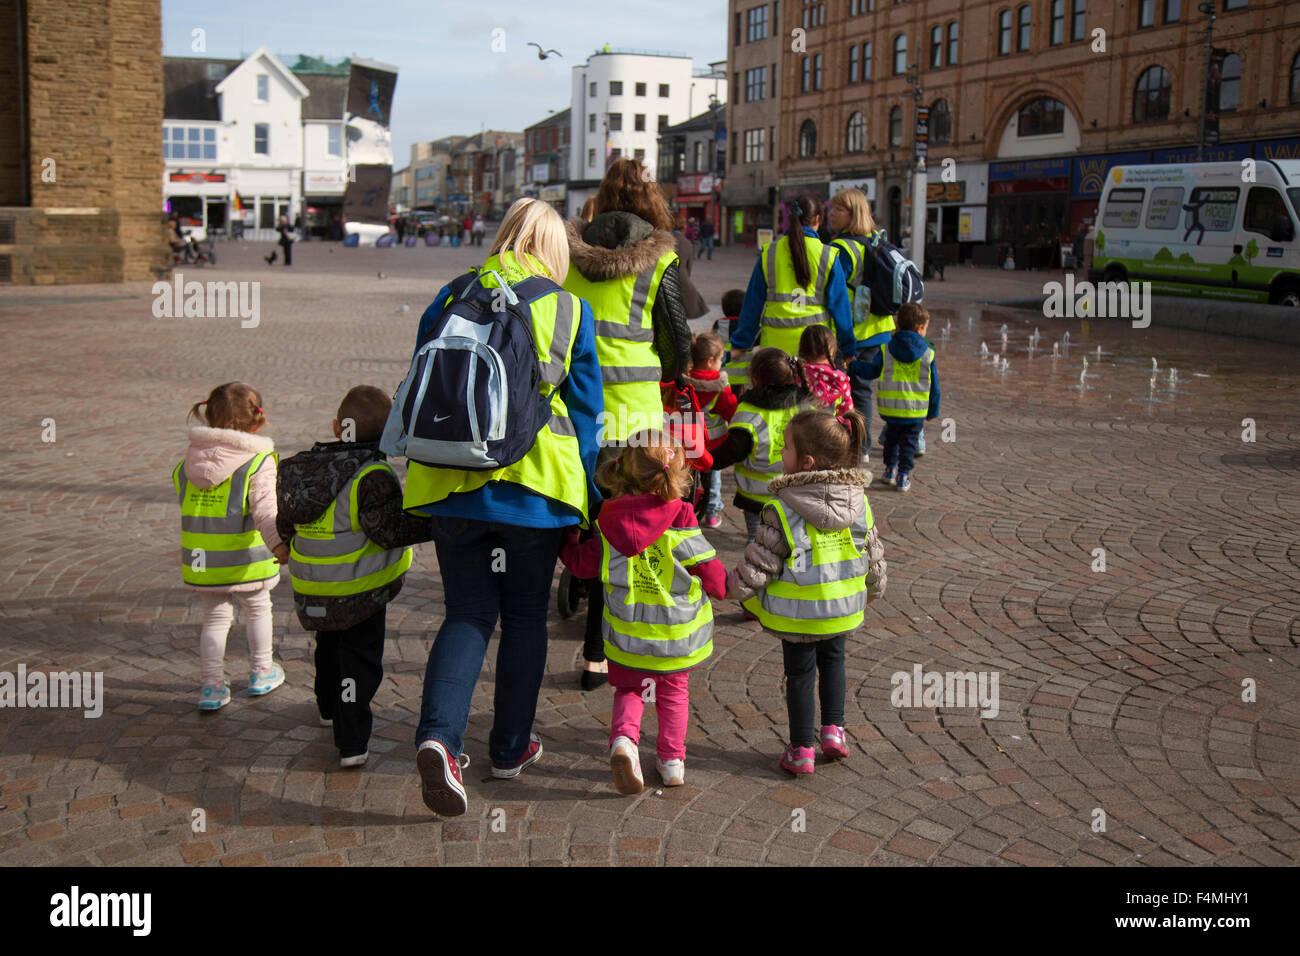 Salvaguardia Pre-School primary bambini indossare fluorescente protettivo hi-vis giacche di pericolo sulla passeggiata Immagini Stock